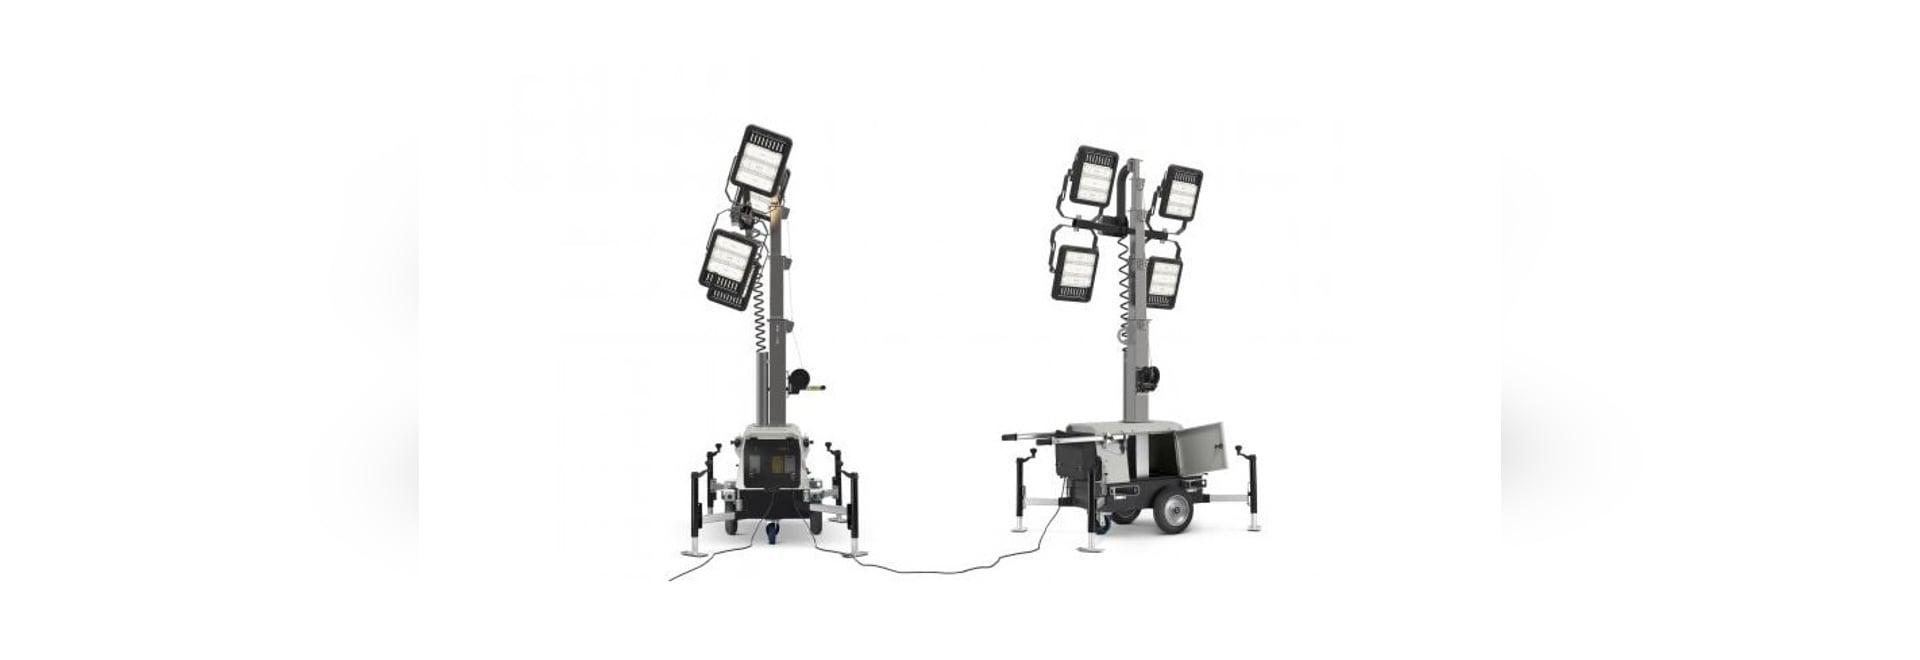 Tour de lumière de Generac LINKTower LED